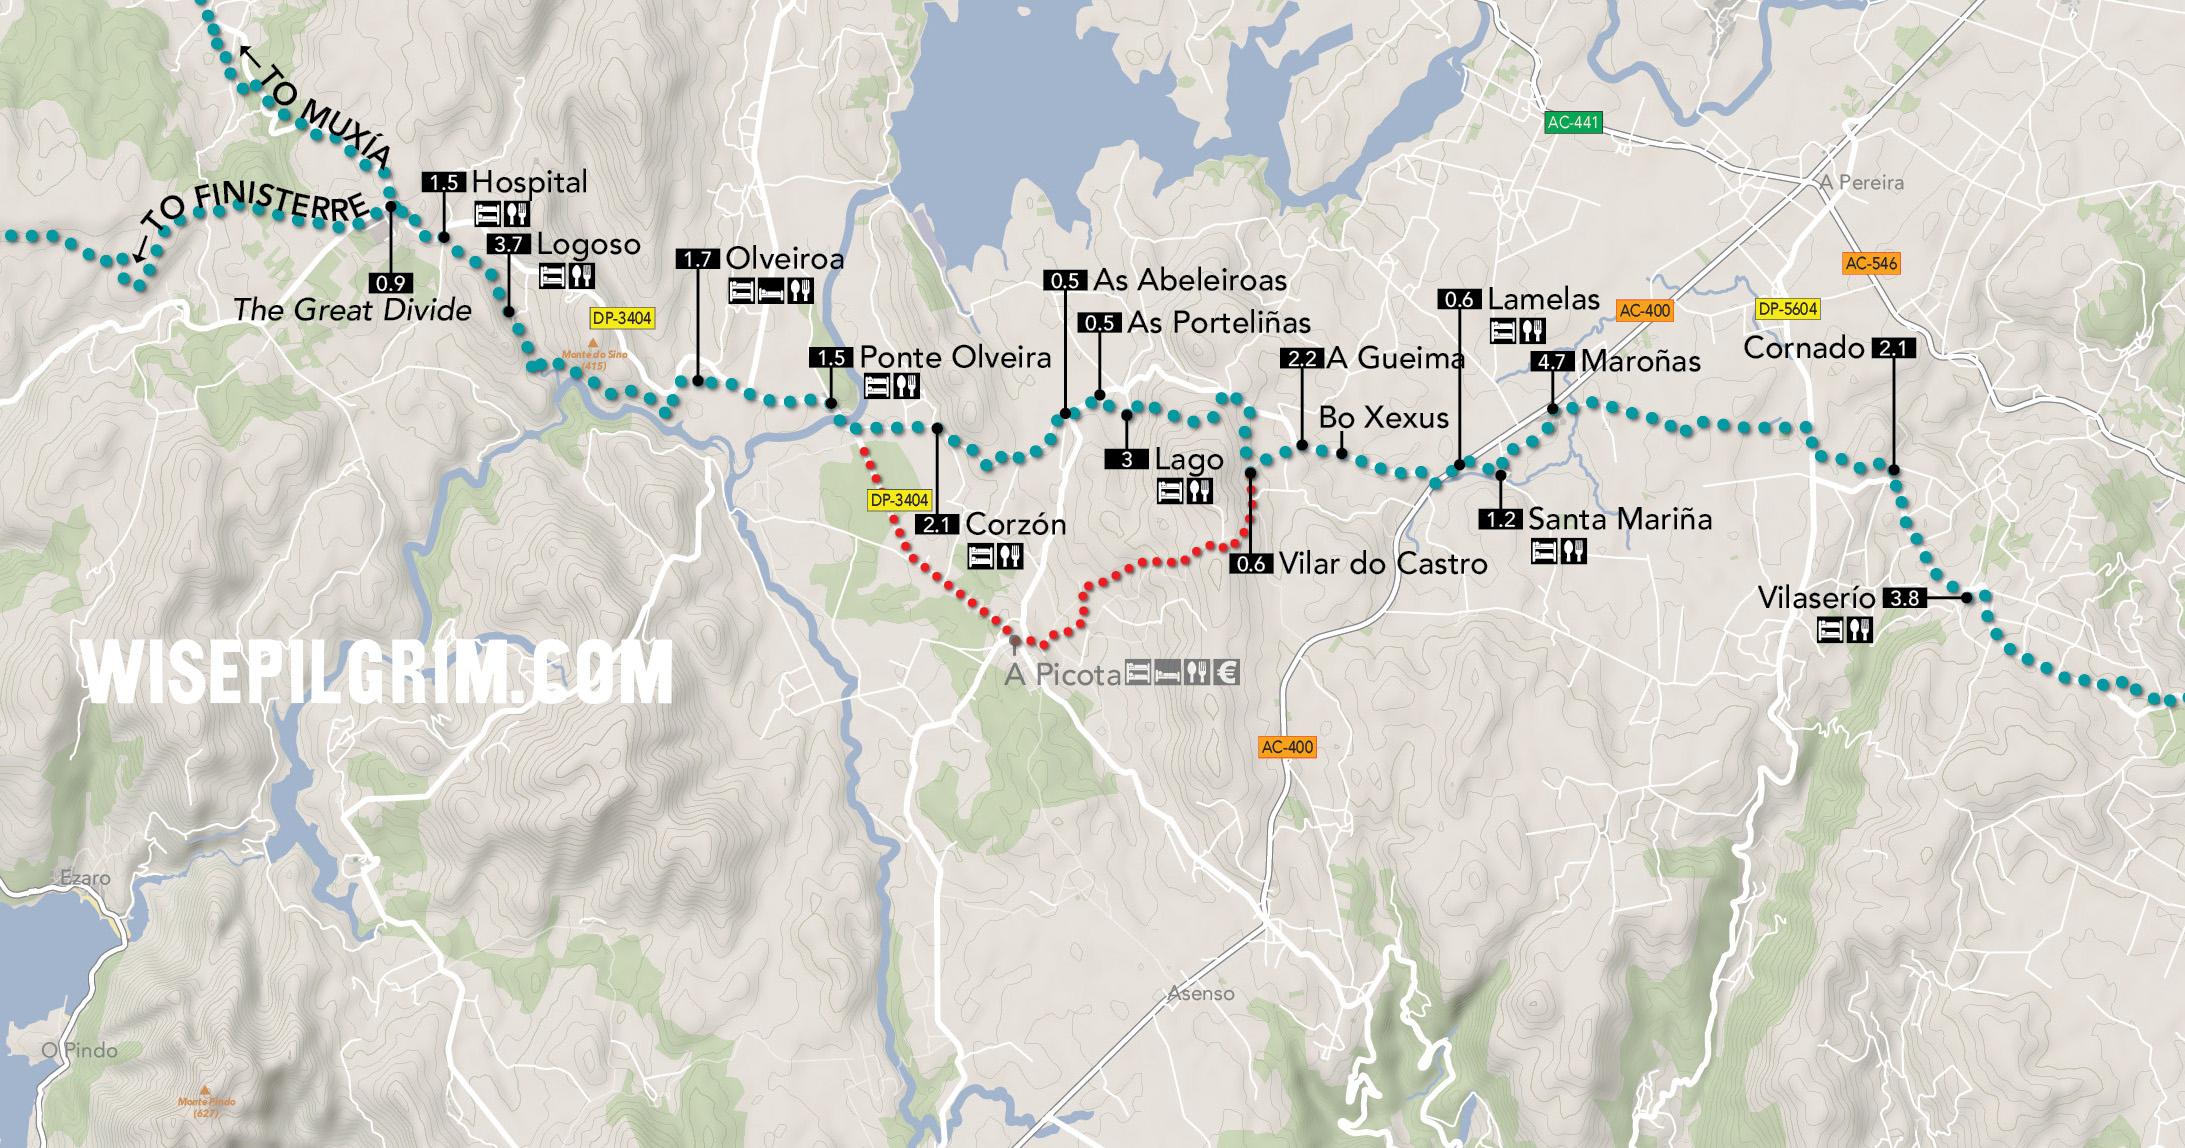 Camino to Finisterre & Muxía Map 2